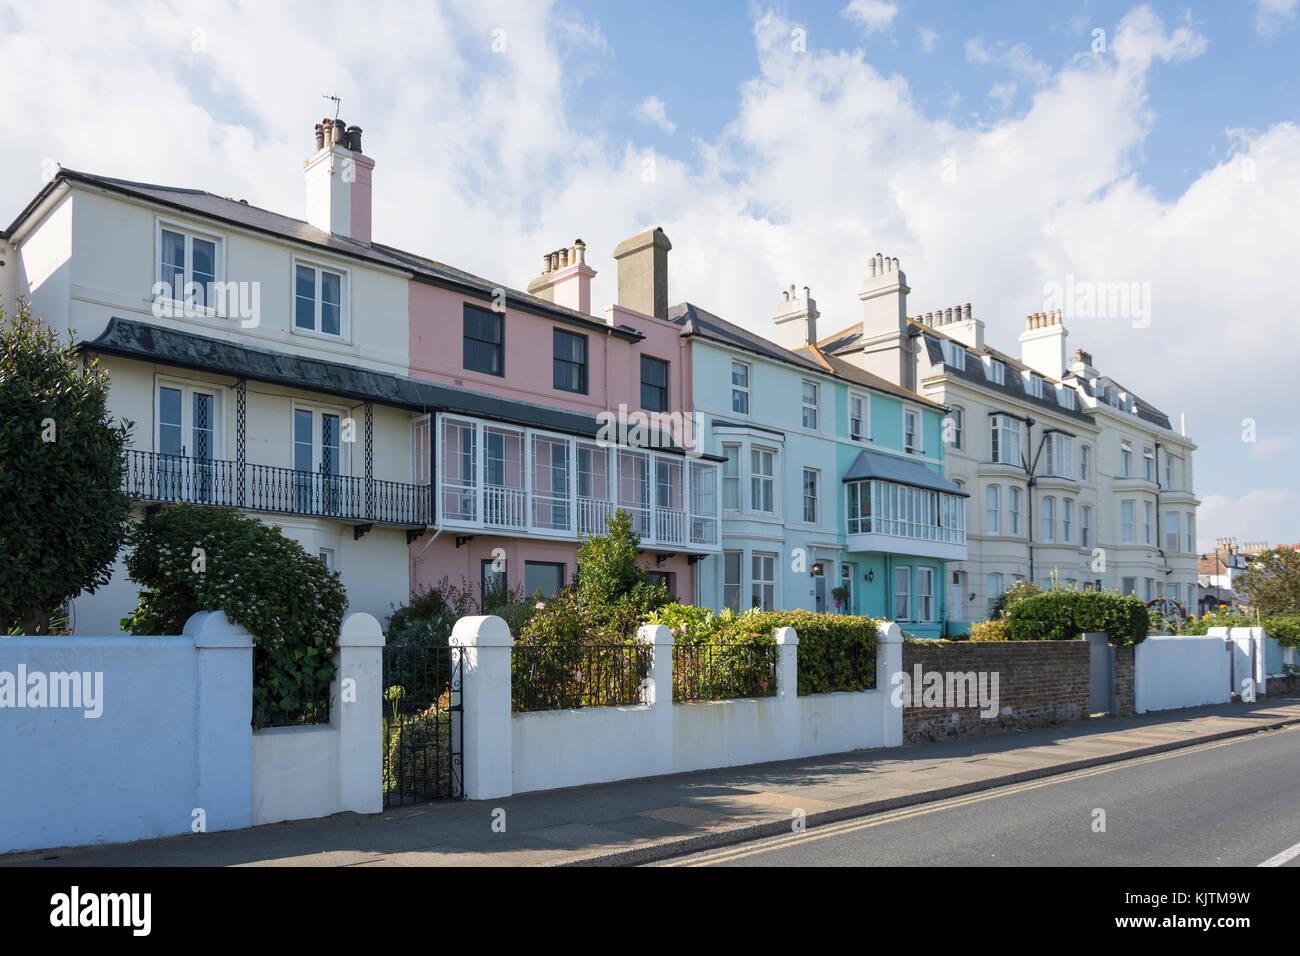 Las casas antiguas, la playa, Walmer, tratar, Kent, Inglaterra, Reino Unido Imagen De Stock